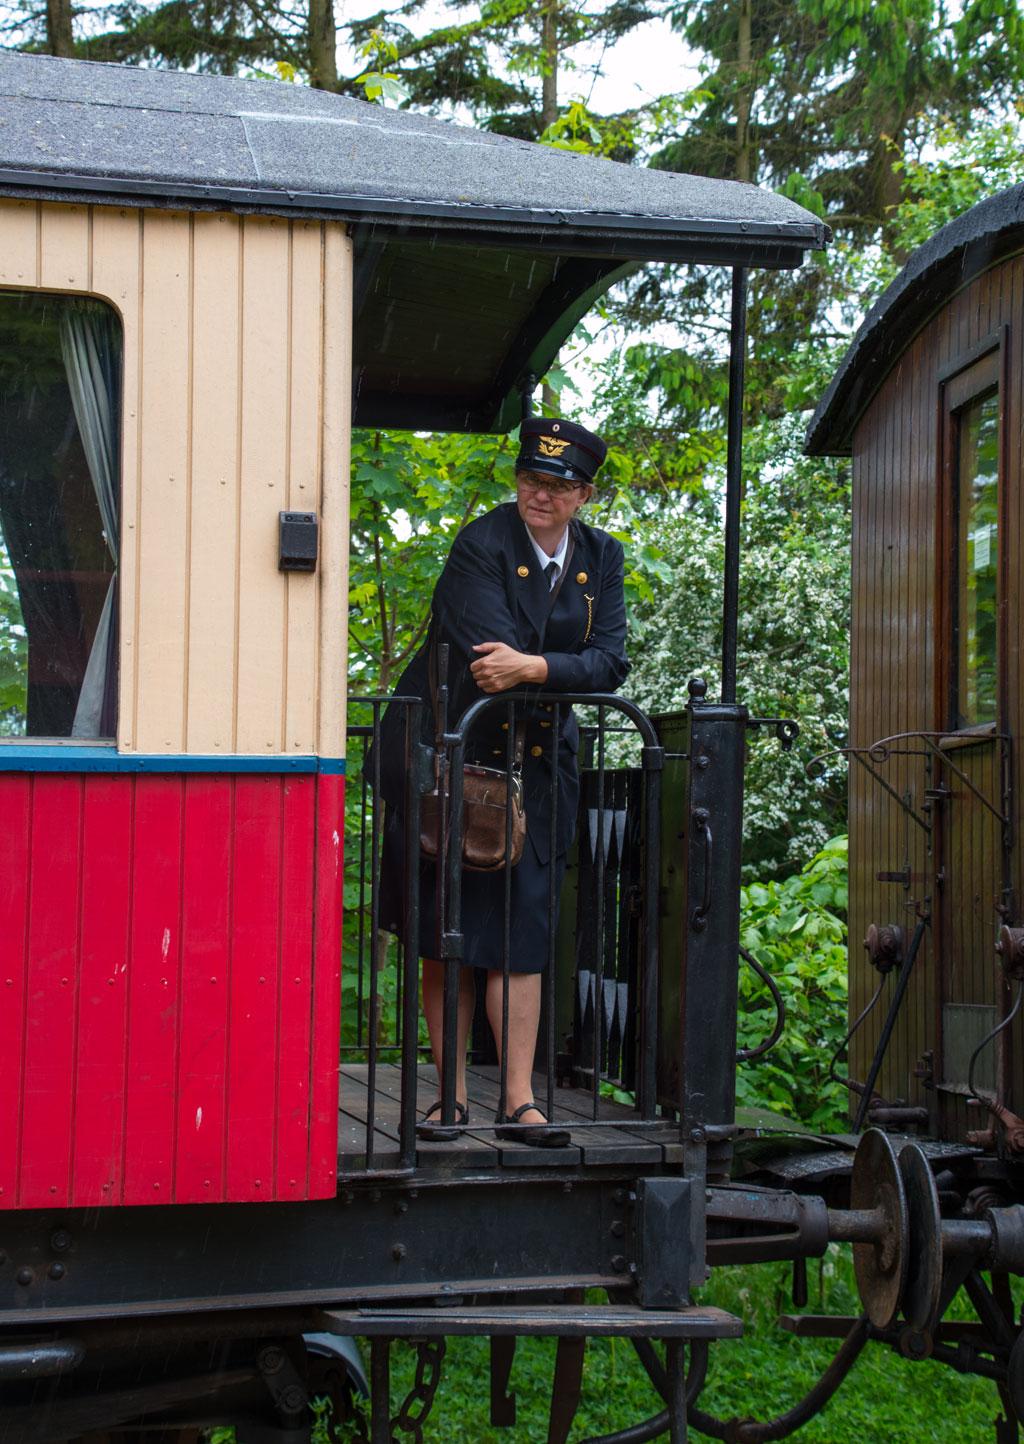 Toget mod Mariager trukket af MHVJ M 5 blev ført af en kvindelig togfører klædt i en uniform fra samme tidsperiode som materiellet